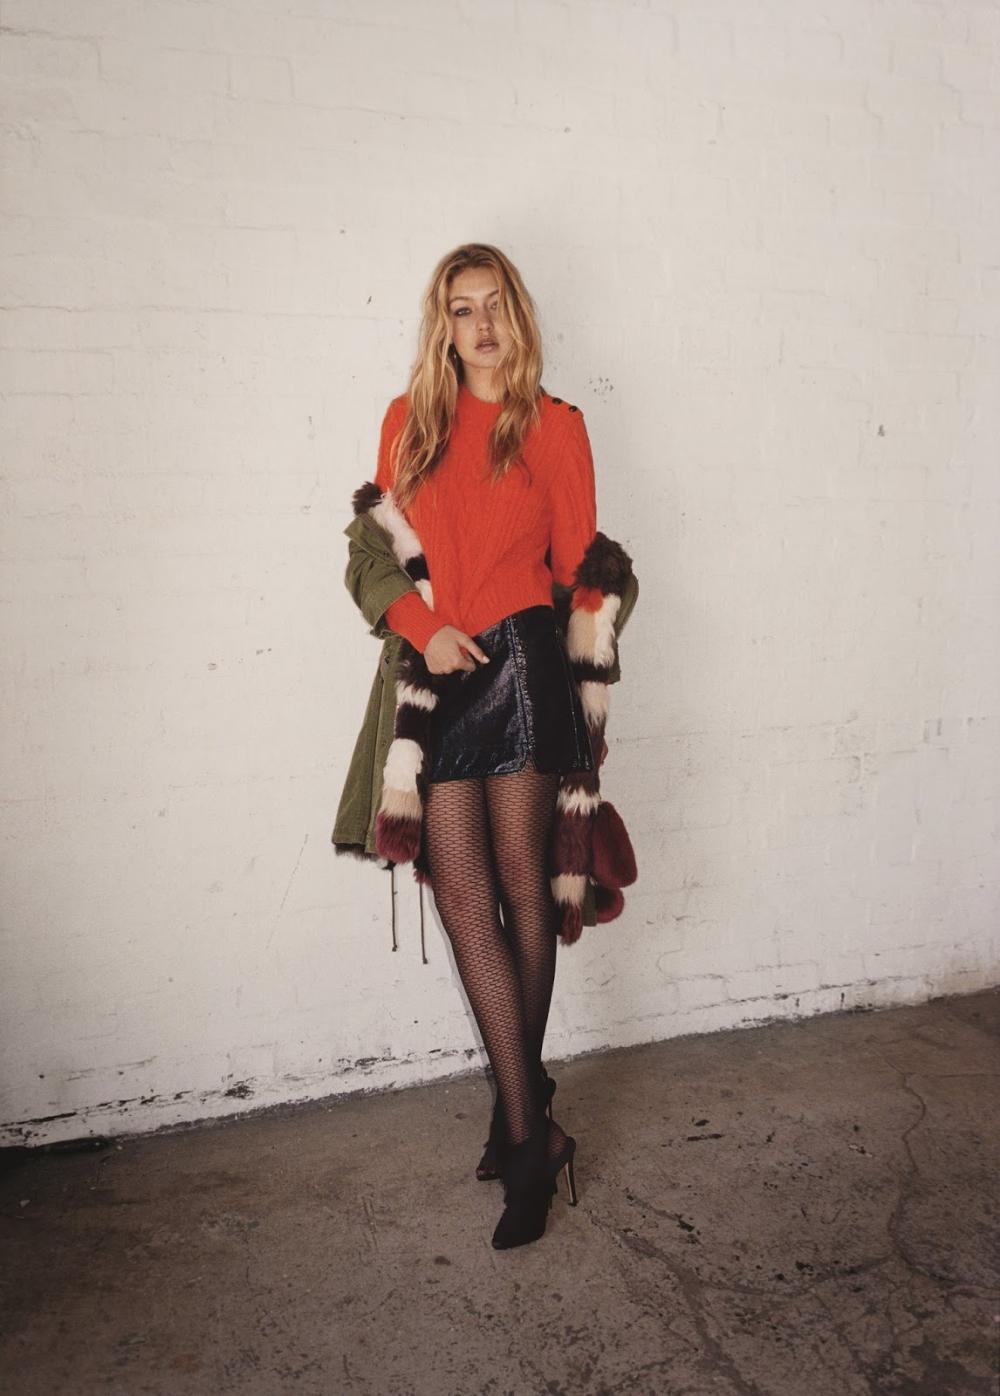 Gigi-Hadid-By-Tyrone-Lebon-For-Topshop-Fall-Winter-15-16-10-folkr